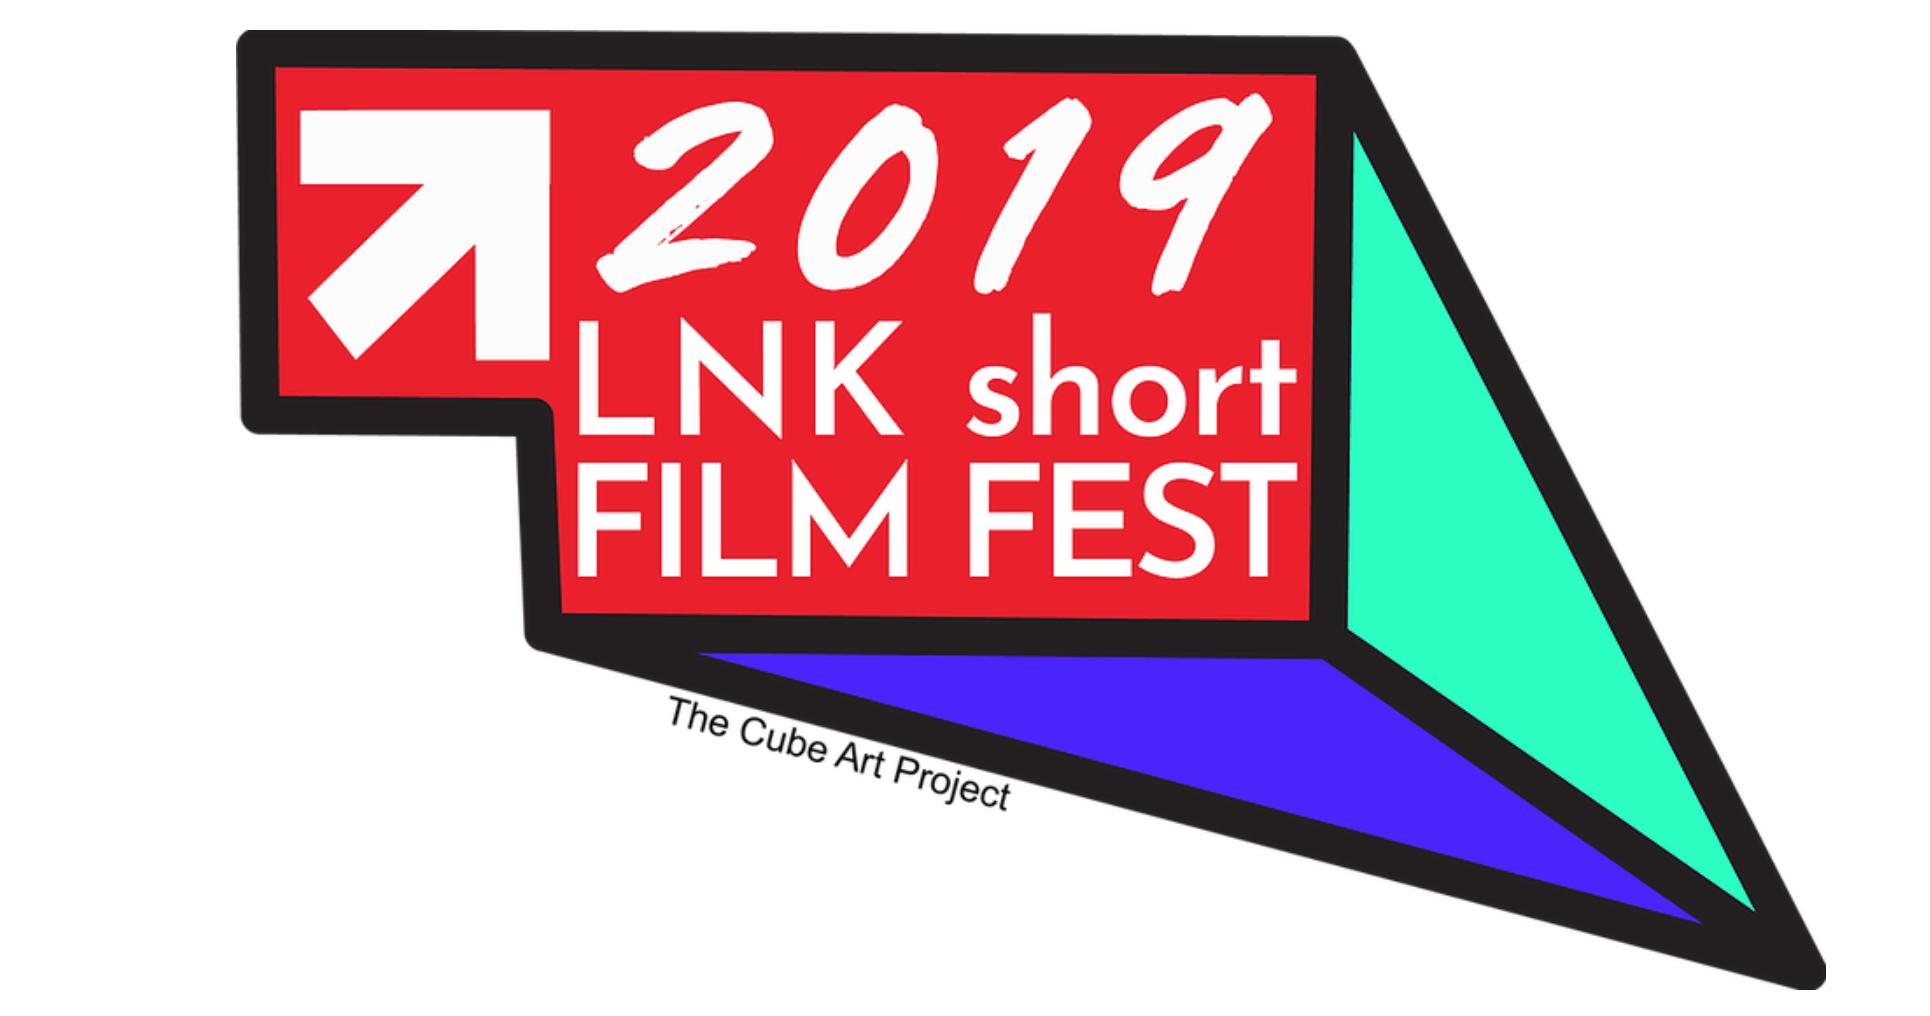 Lincoln-Short-Film-Festival.jpg